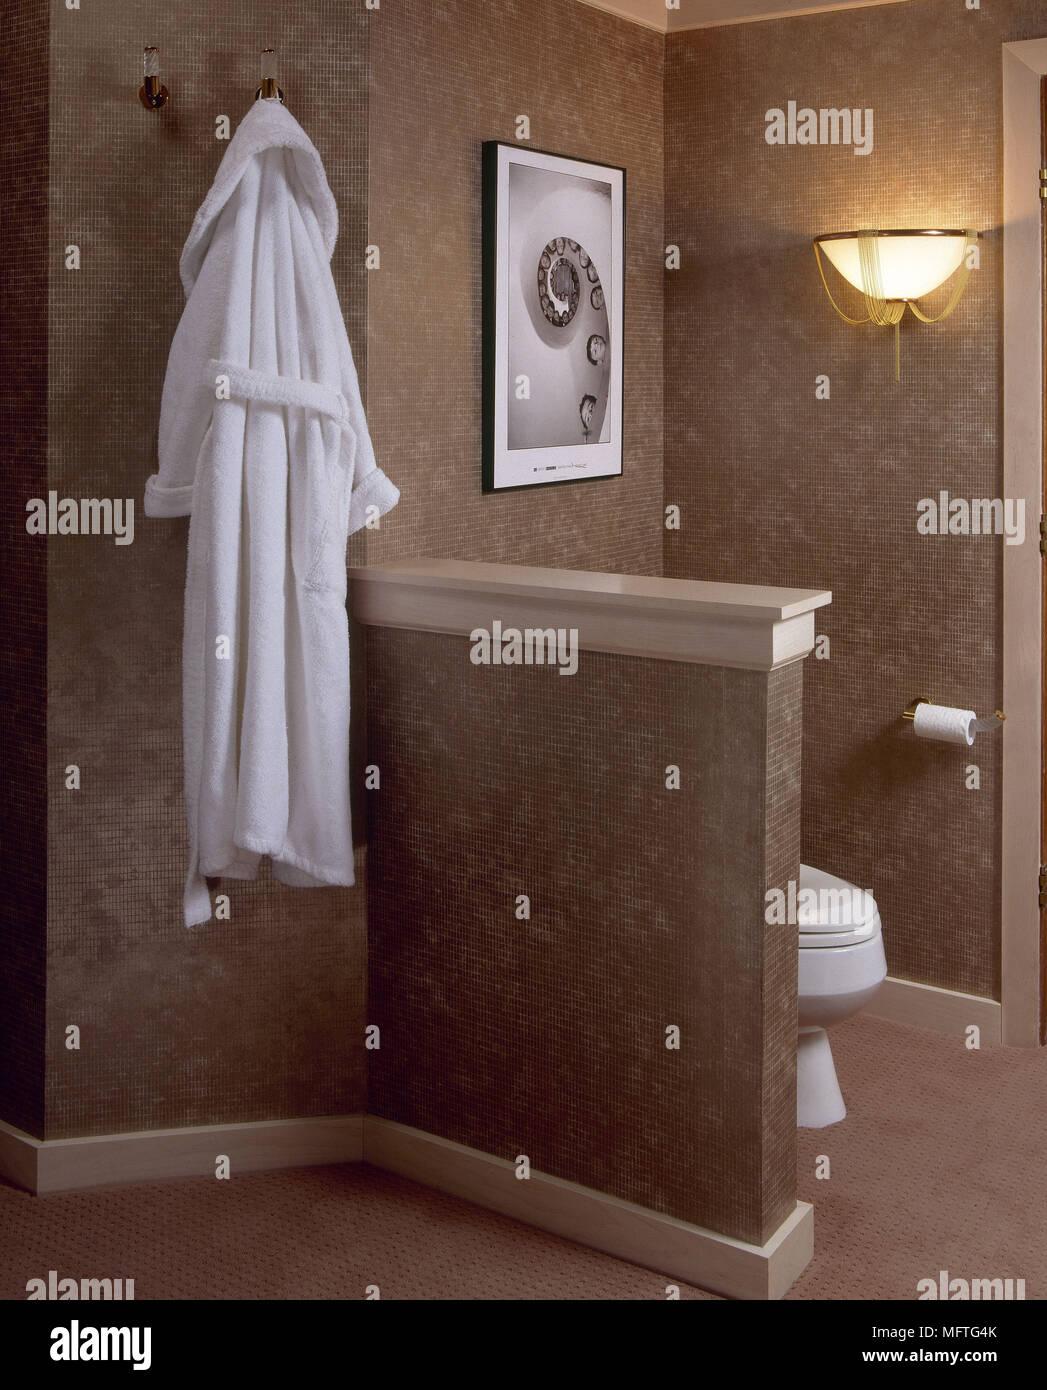 Modernes Badezimmer Detail Verdeckte WC Bademantel Interieur Bäder  Strukturierte Wände Braun Warme Farben Morgenmantel